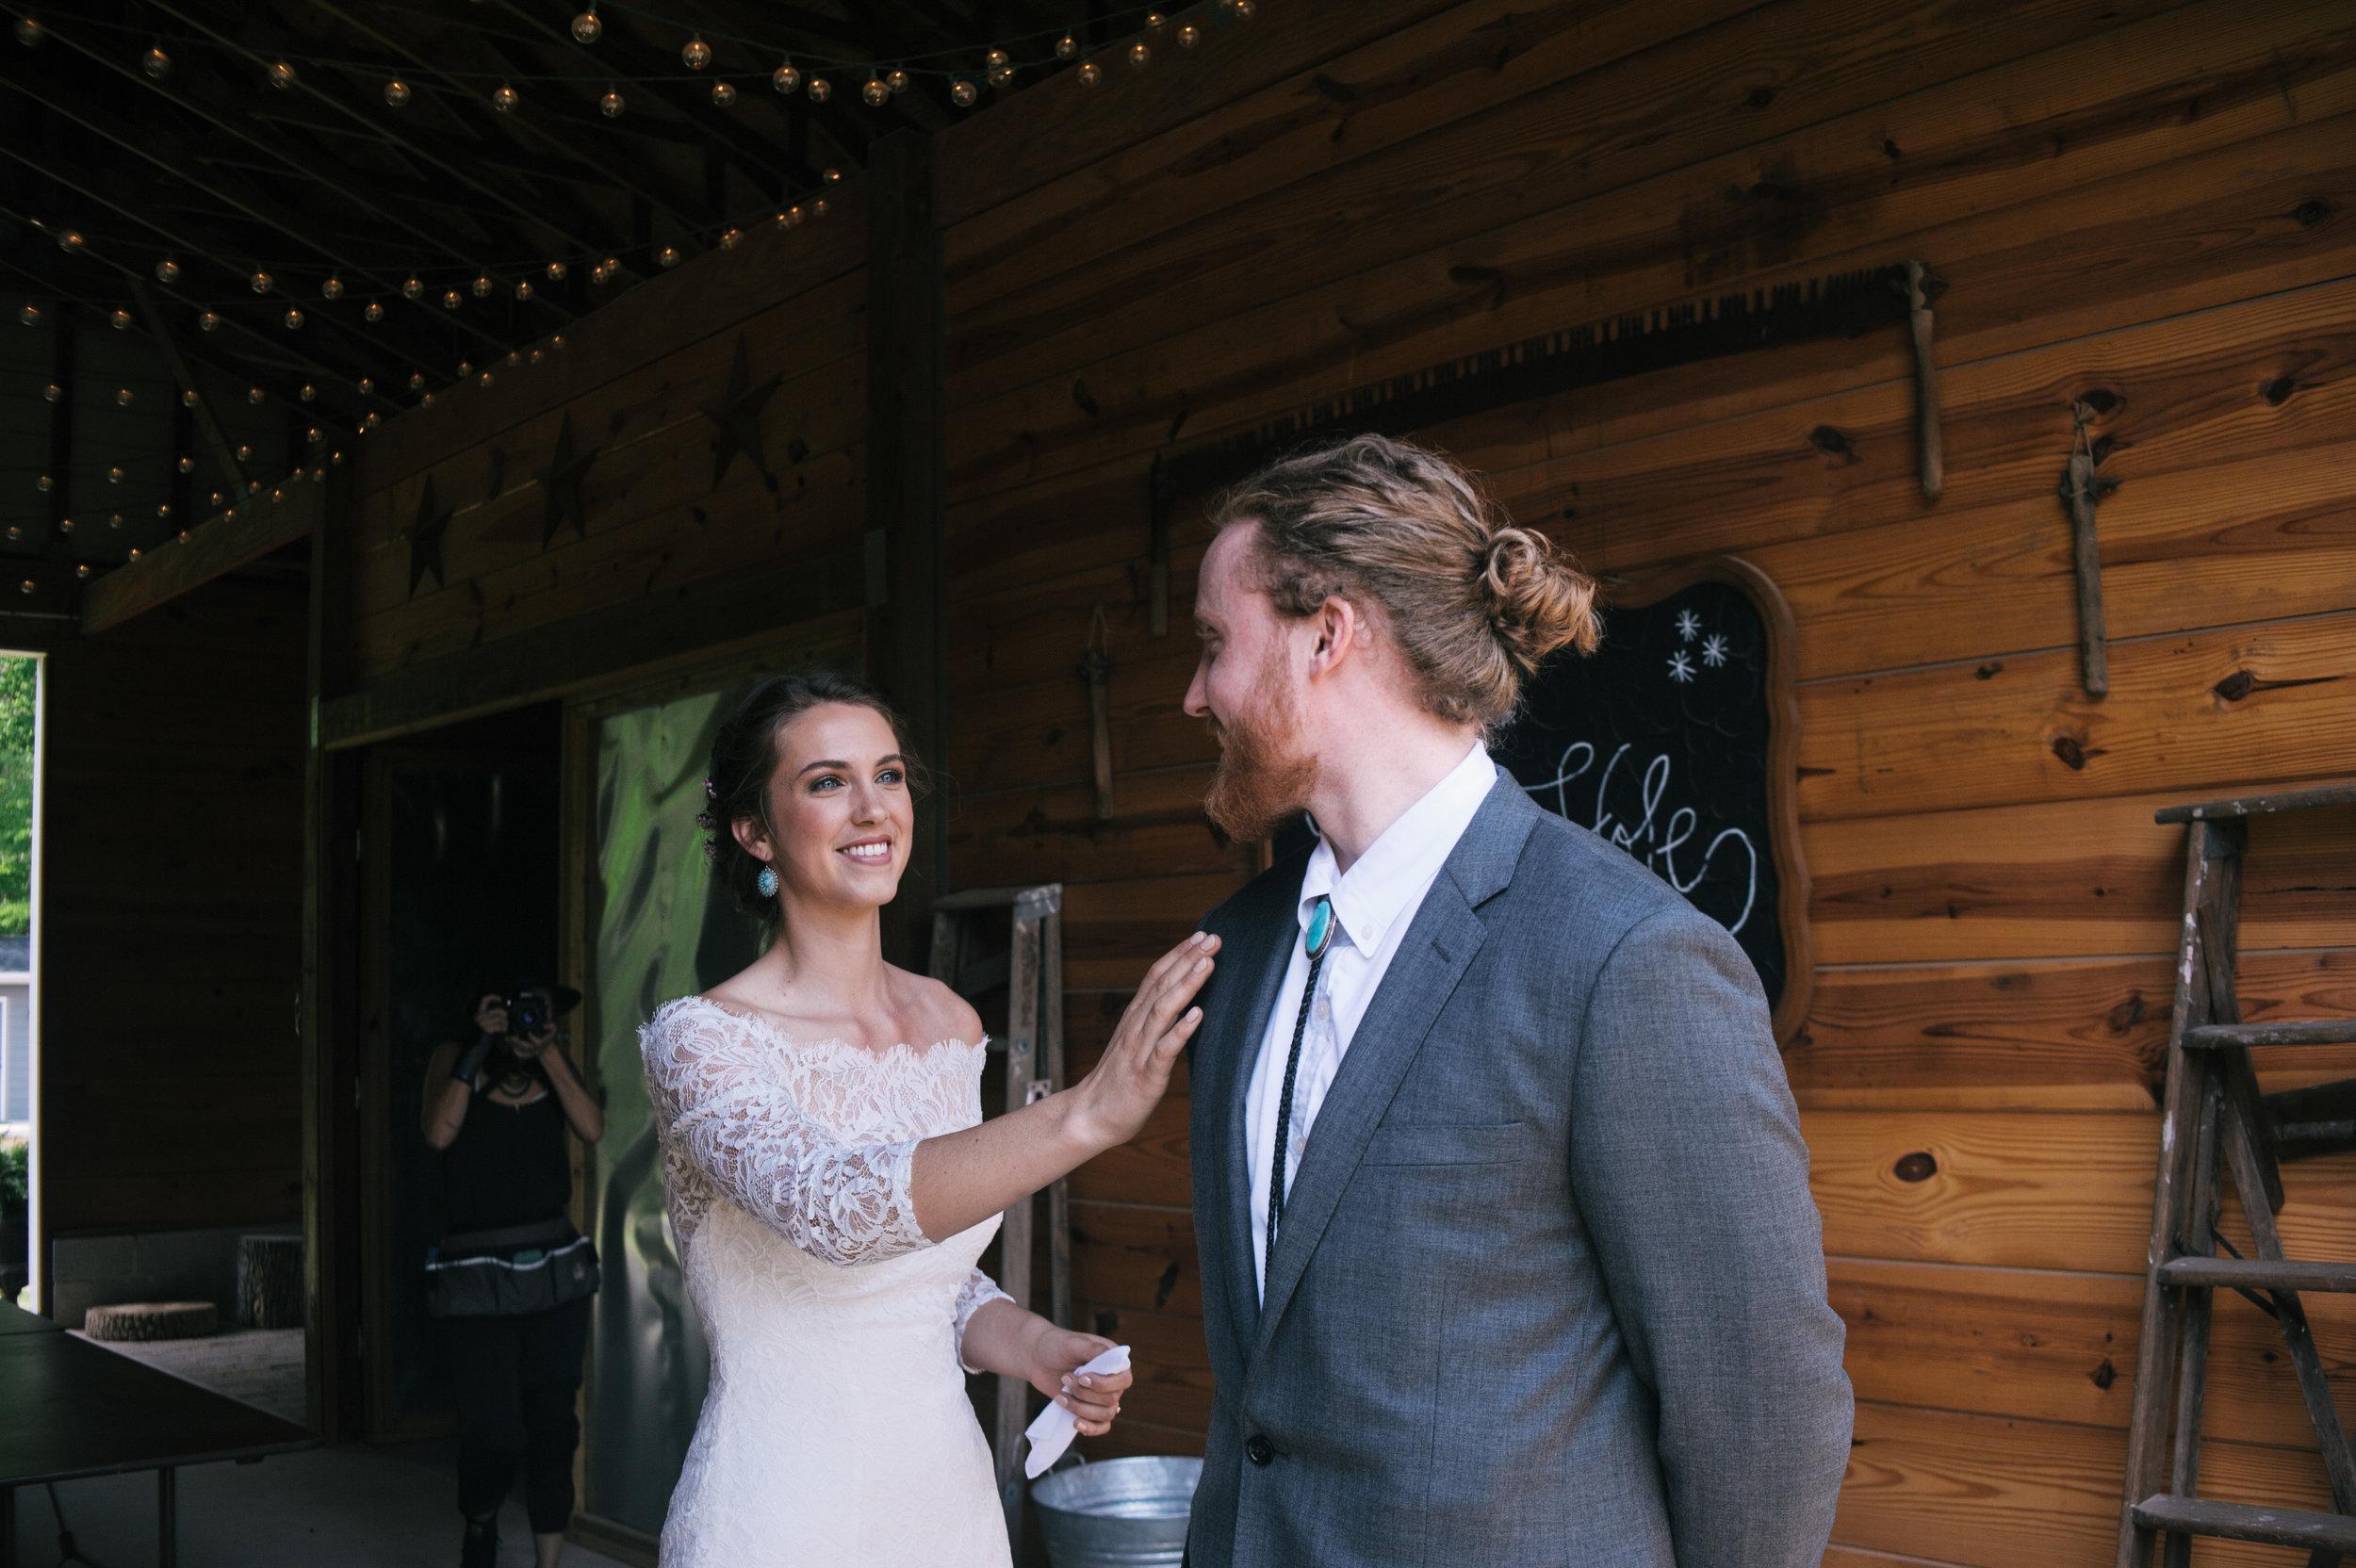 raleigh-elopement-photographer-raleigh-durham-wedding-maddie-and-devin- (129 of 162).jpg